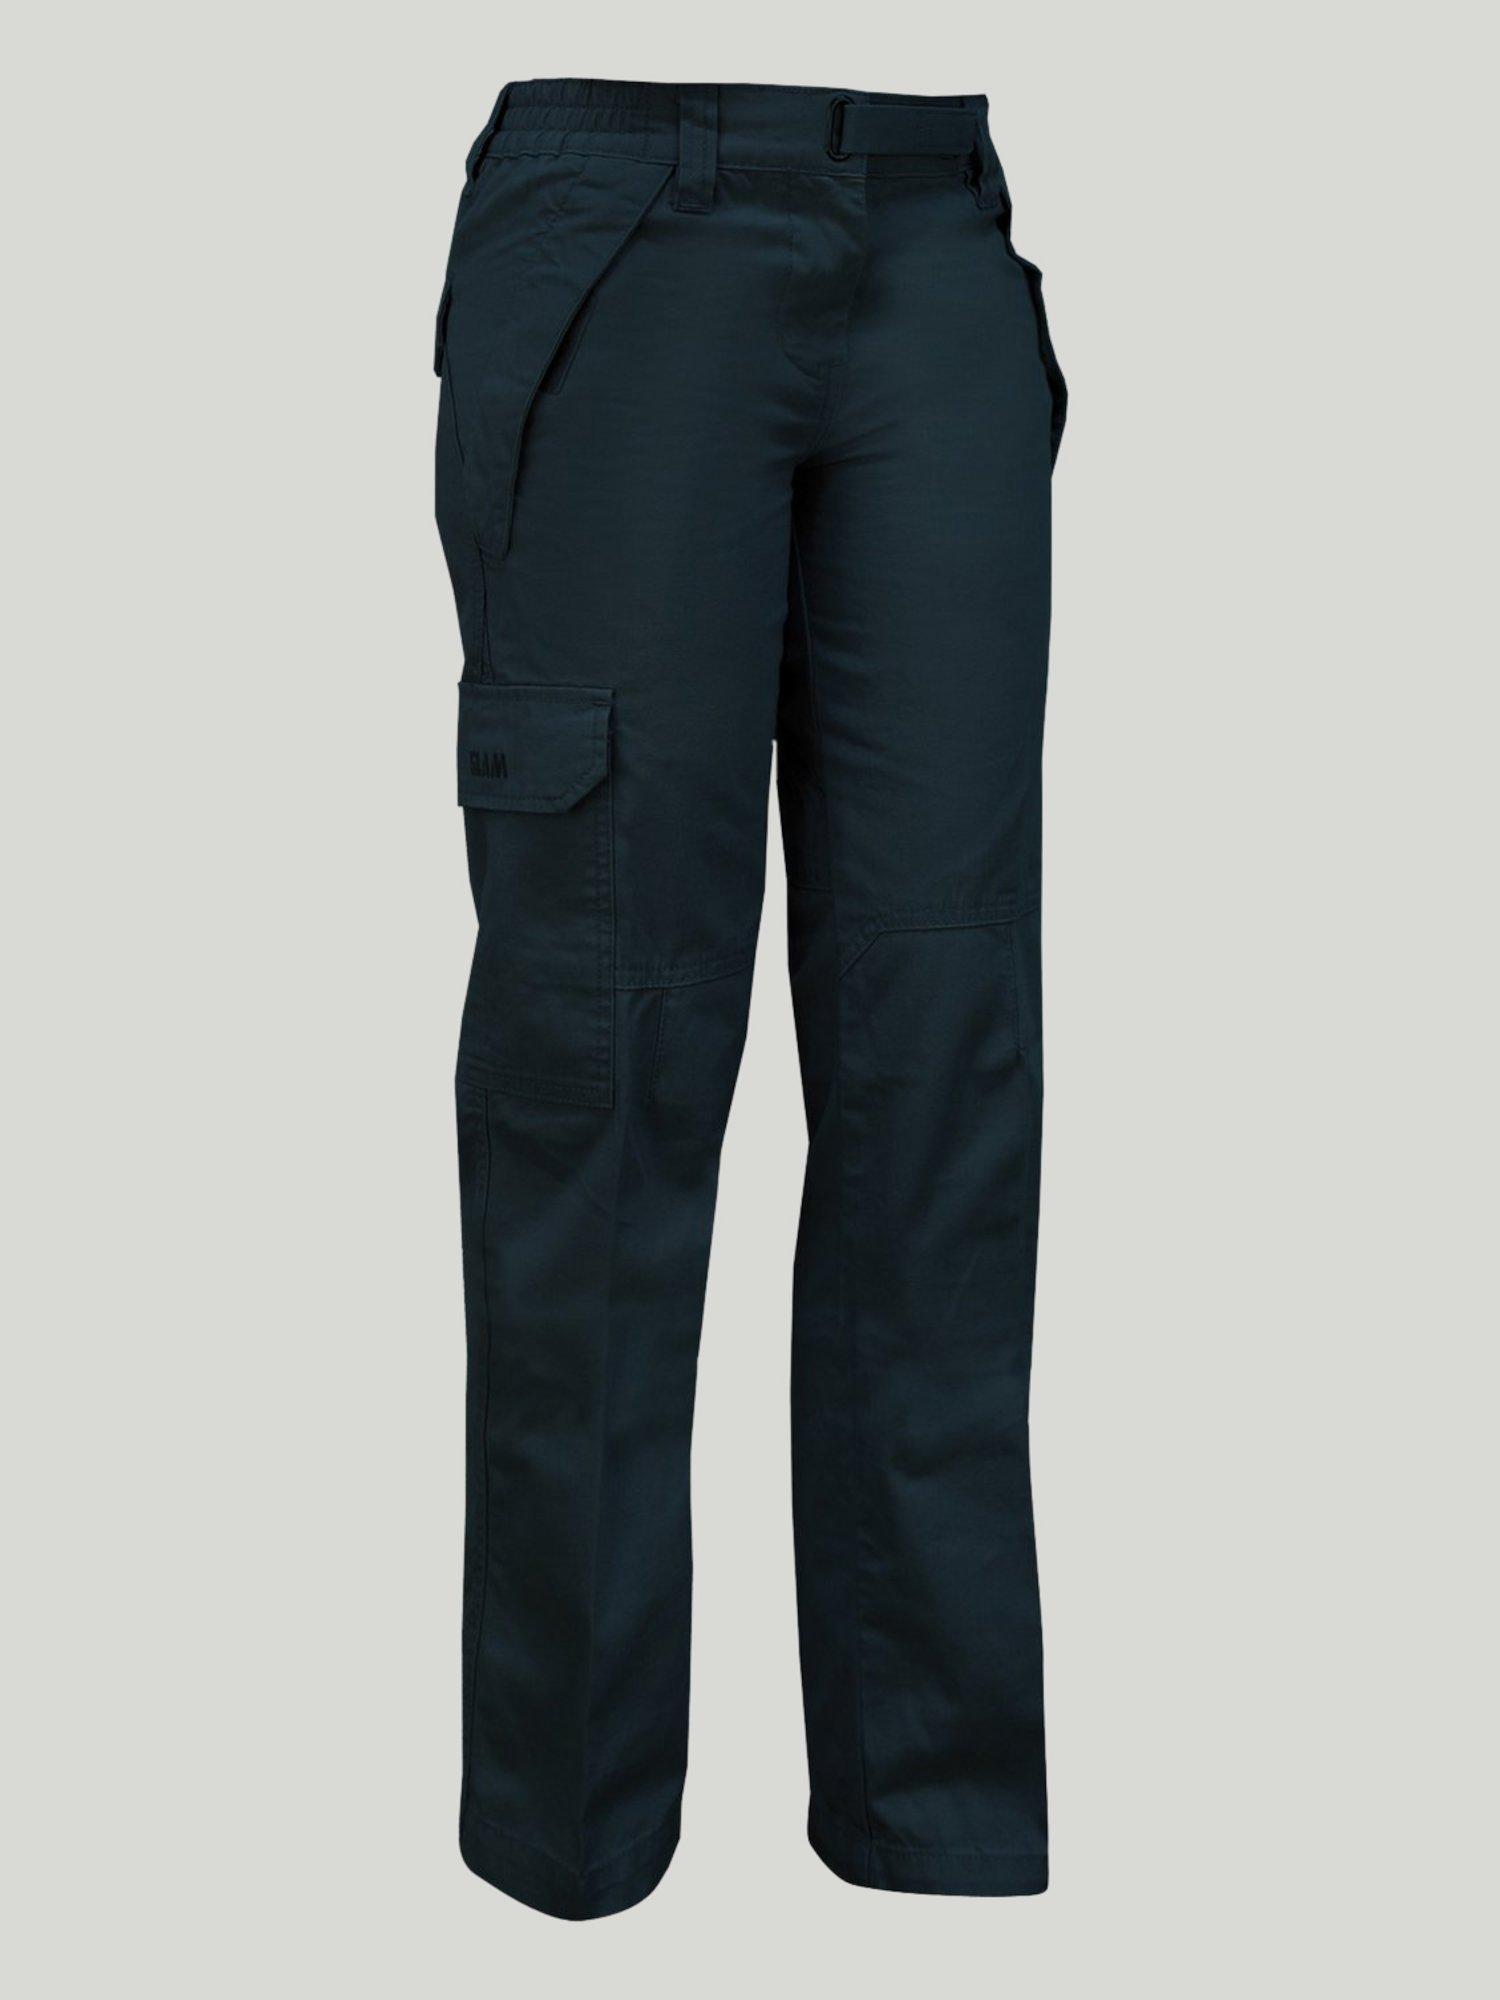 Woman New sailing pants - Navy